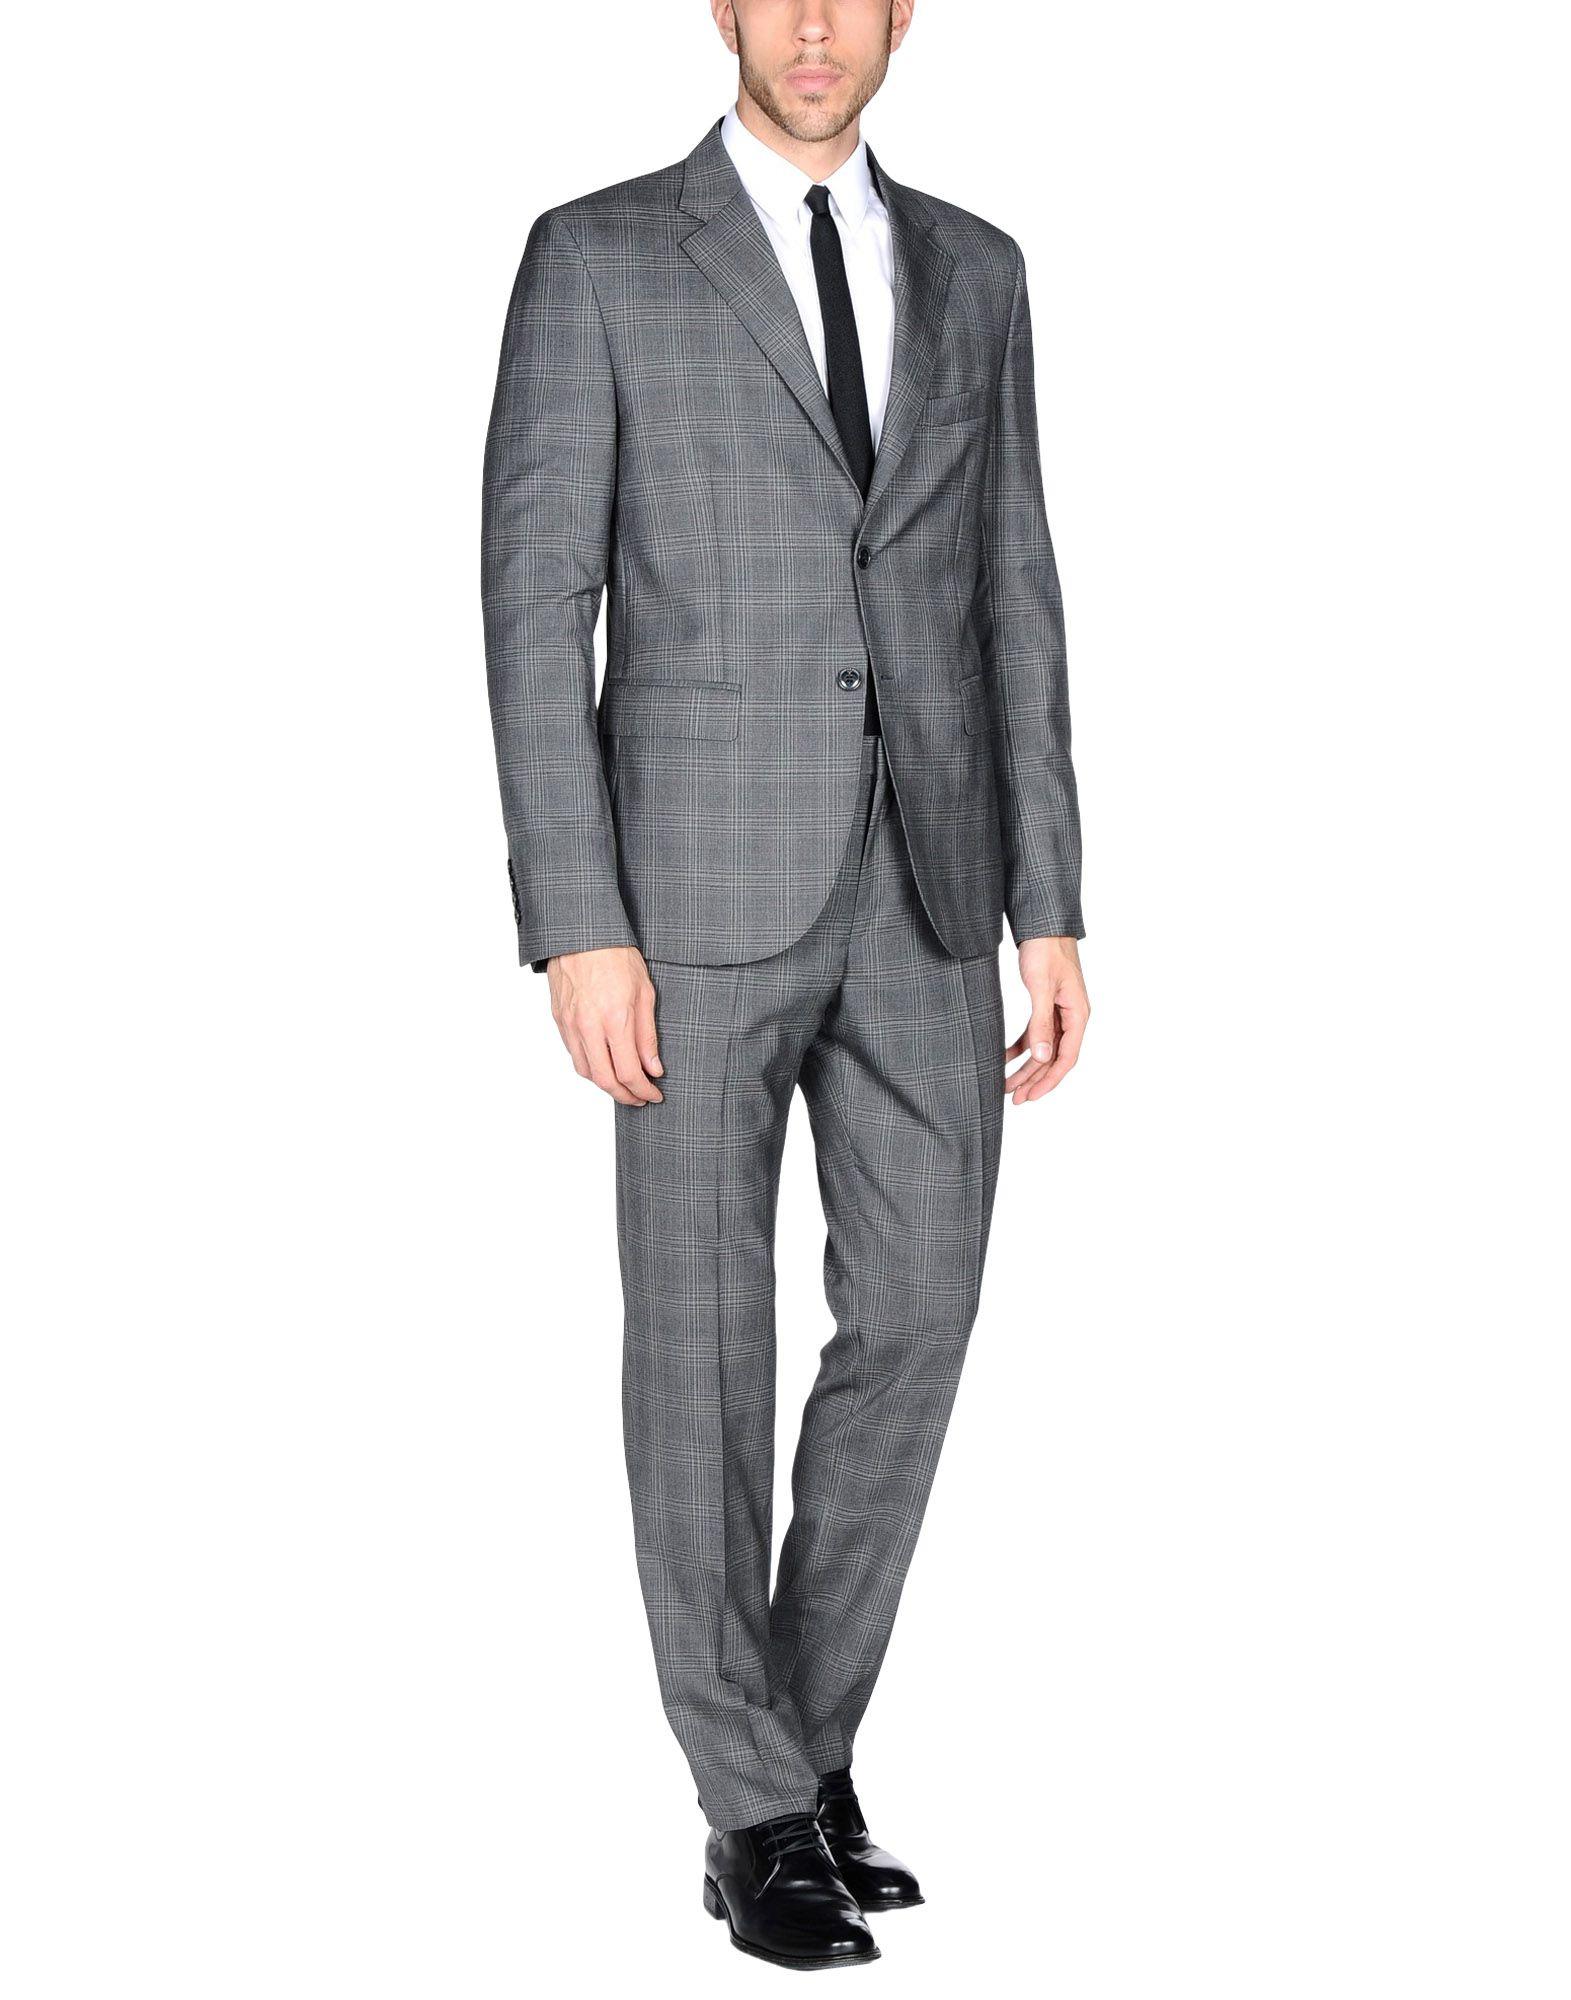 《送料無料》RICHMOND X メンズ スーツ グレー 54 バージンウール 100%